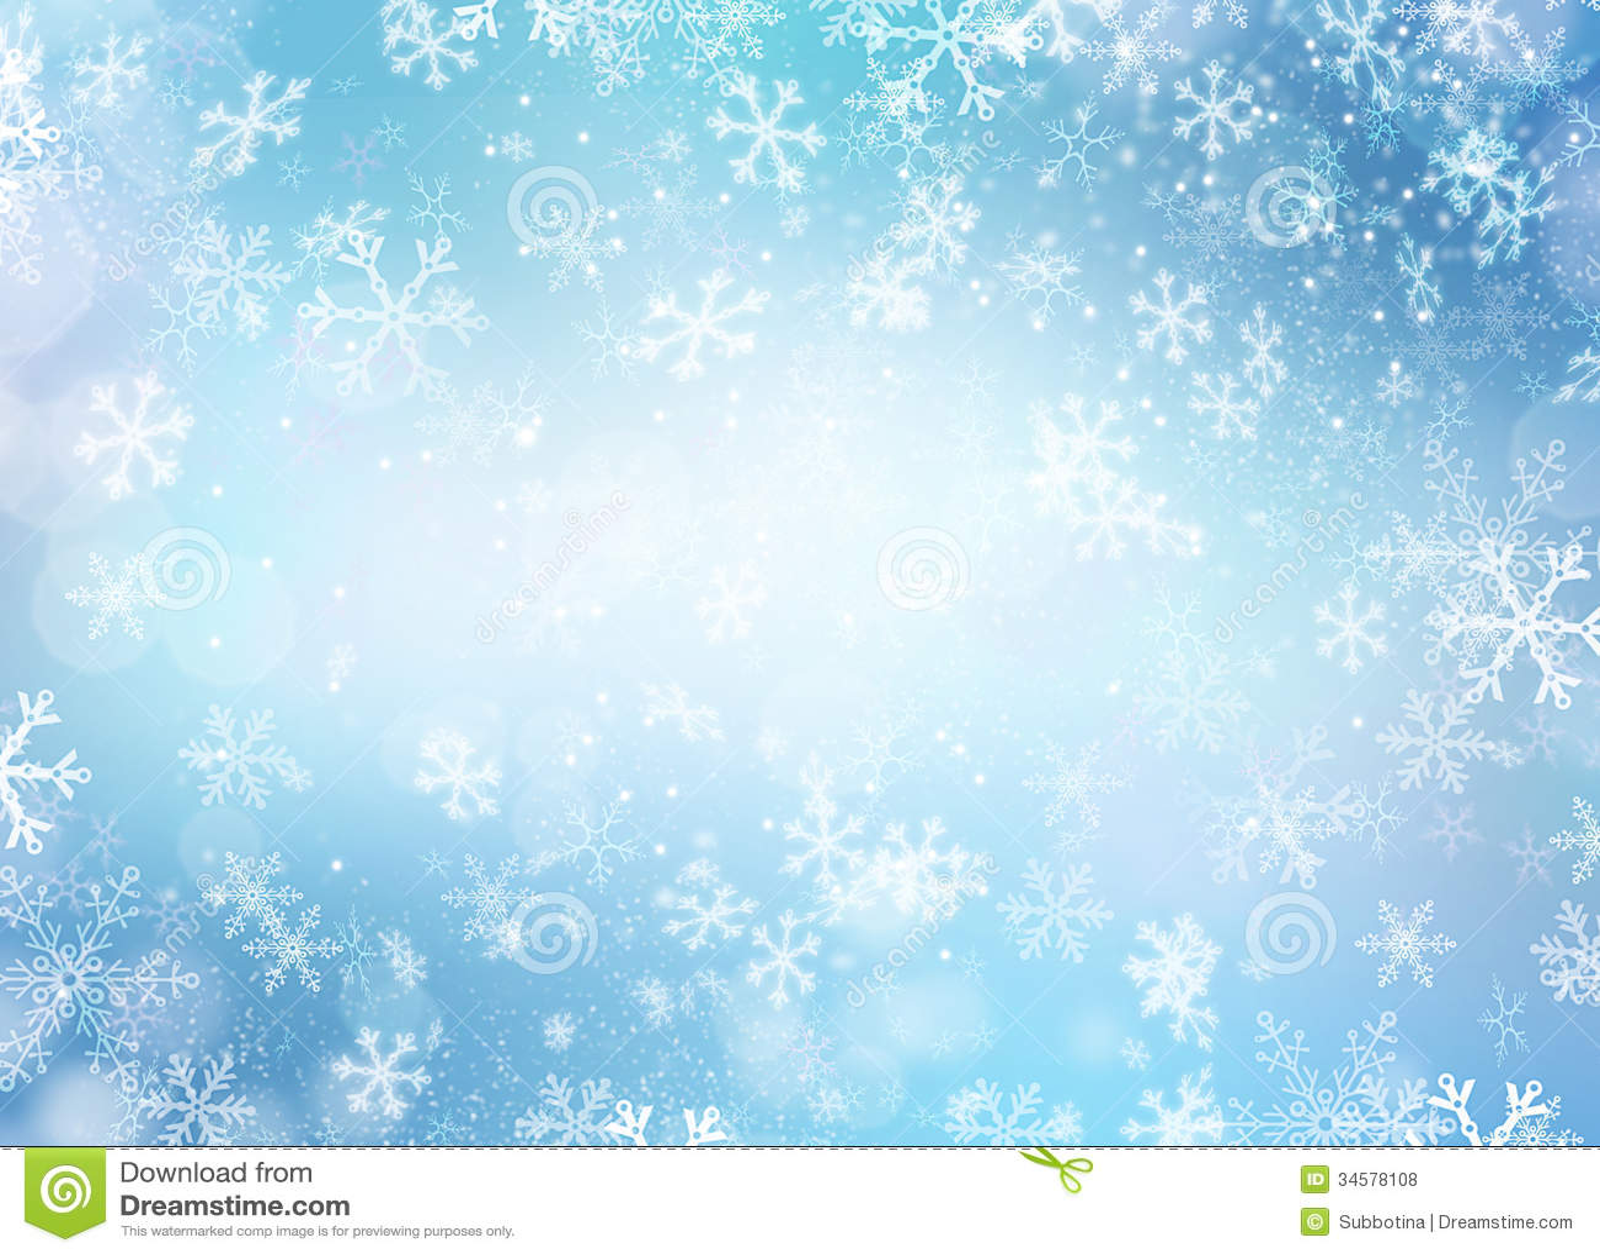 Winterurlaub-Schnee-Hintergrund Stockfoto - Bild von ...